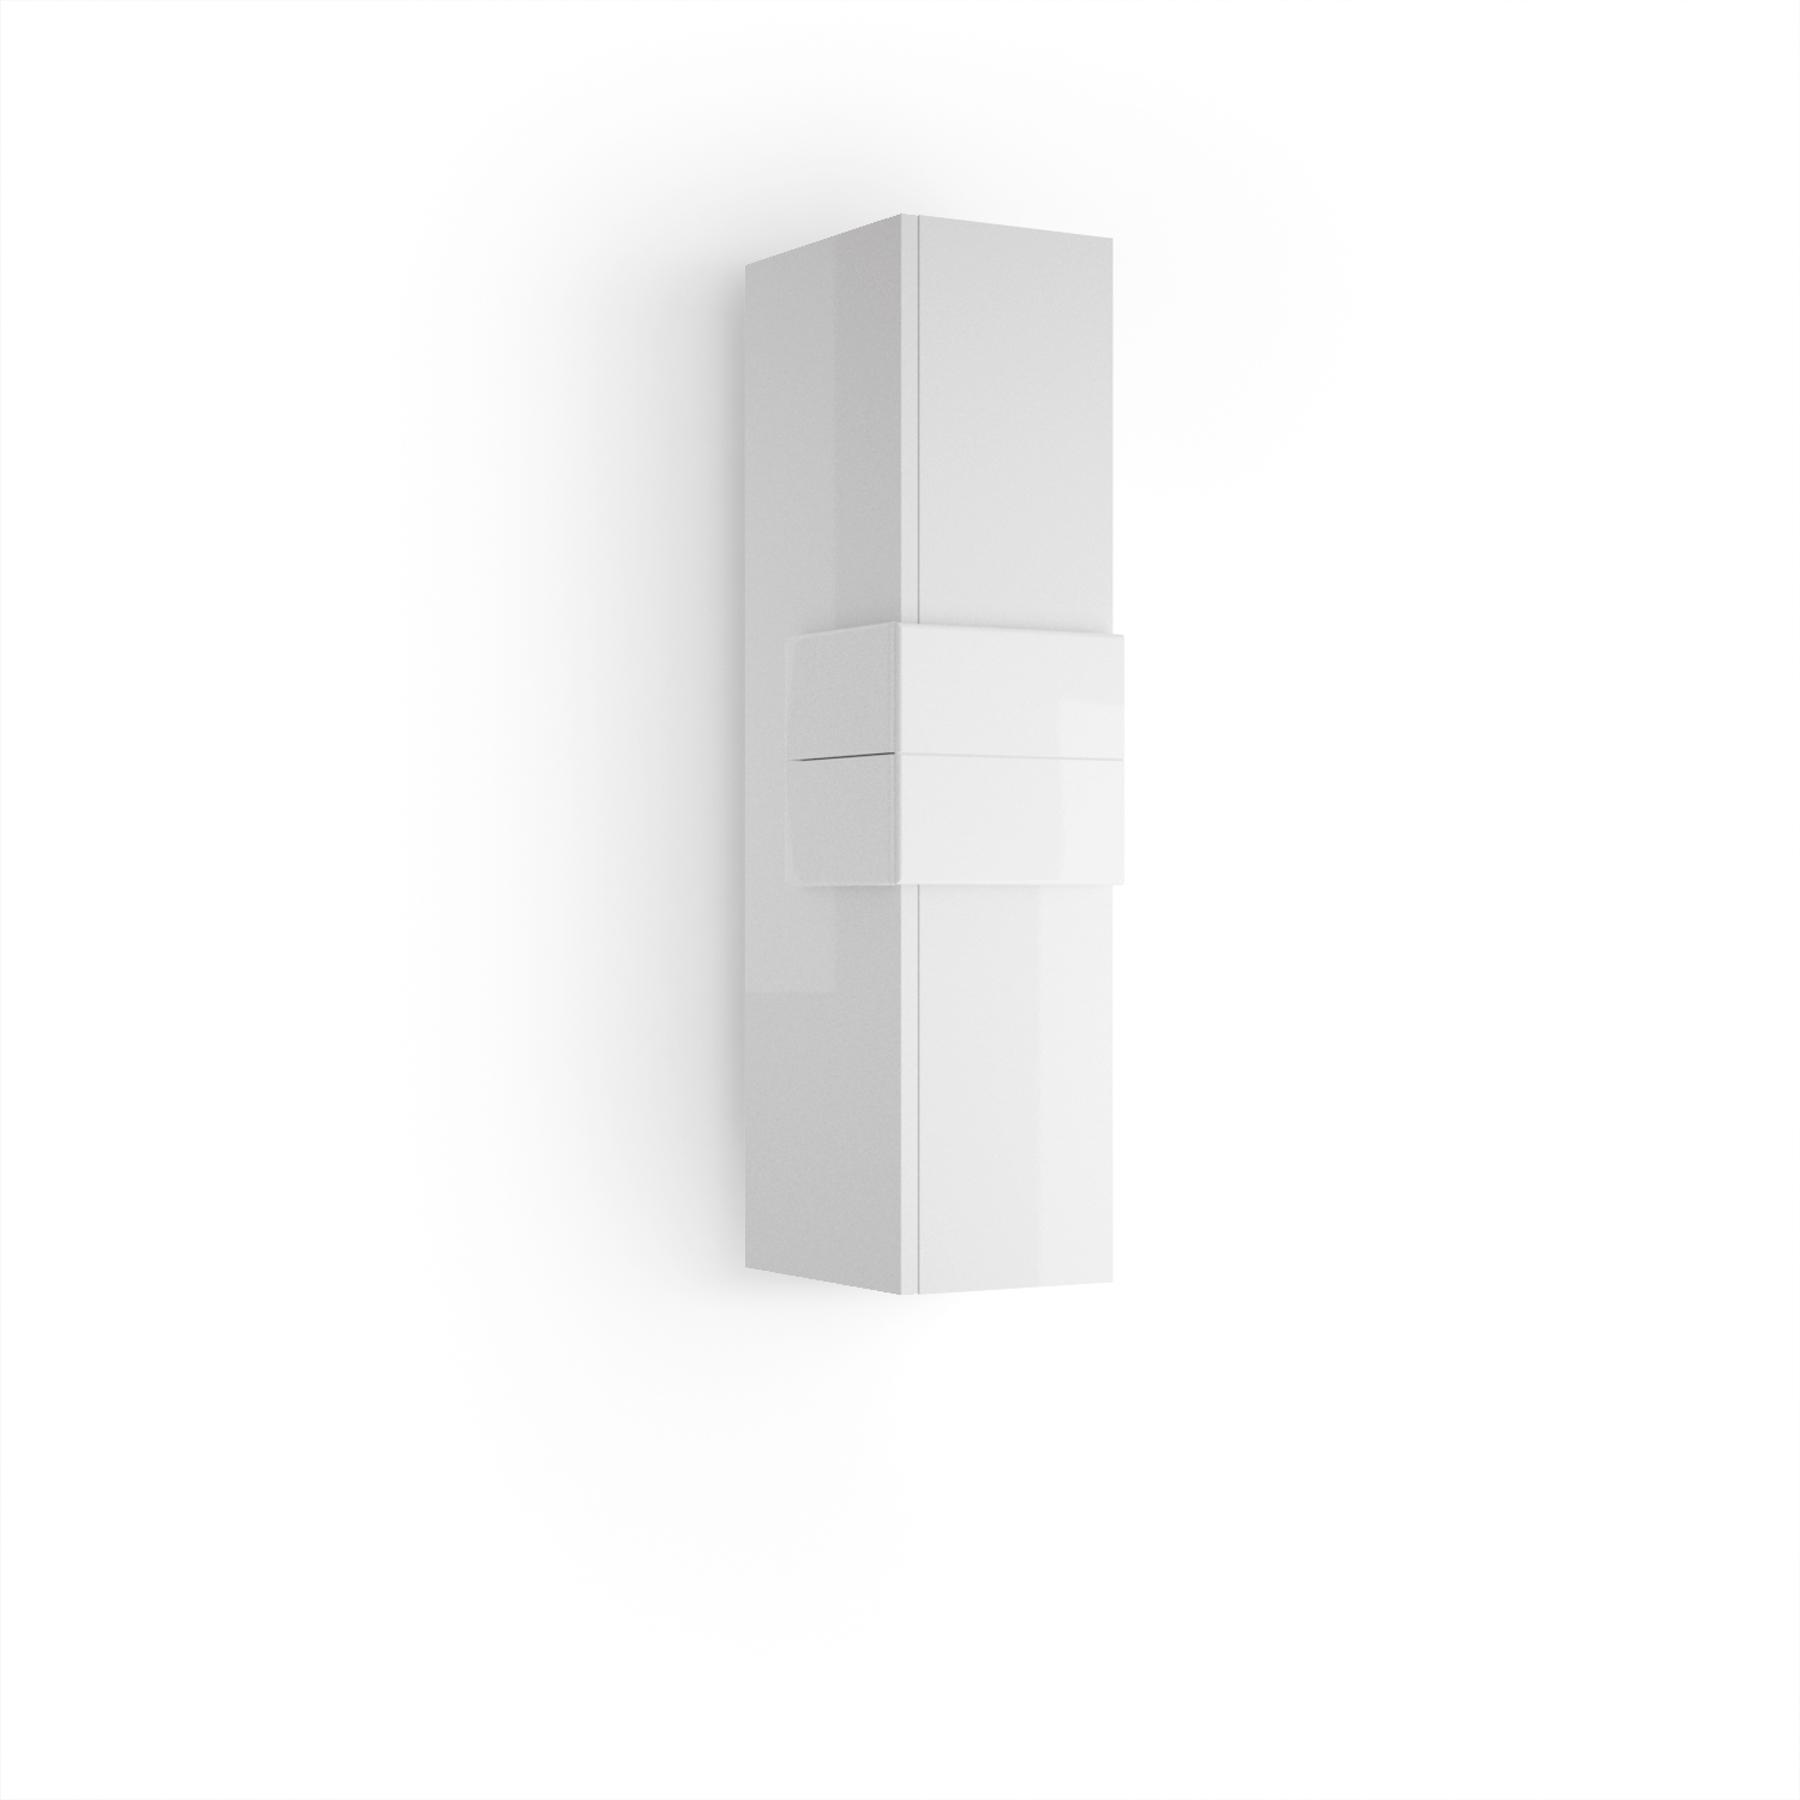 Muebles Cronos halfhoge badkamerkast 100cm wit - wit